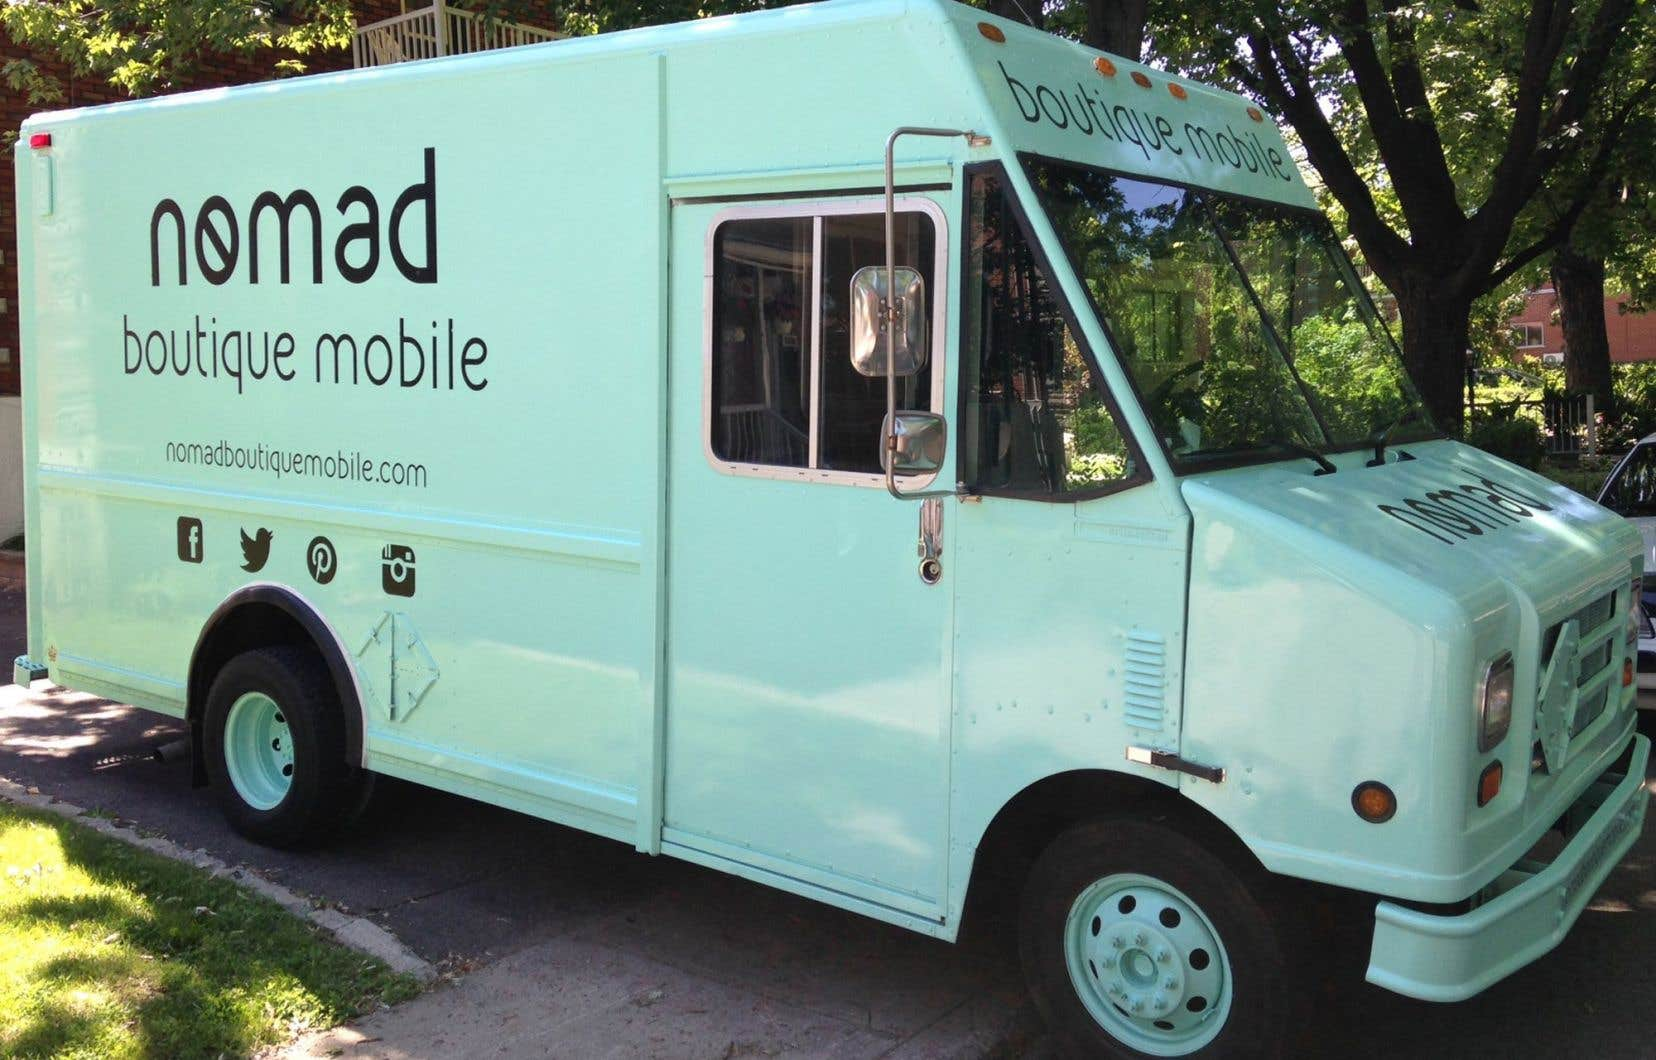 Le camion de Nomad Boutique se déplace et va à la rencontre d'éventuels clients et clientes.